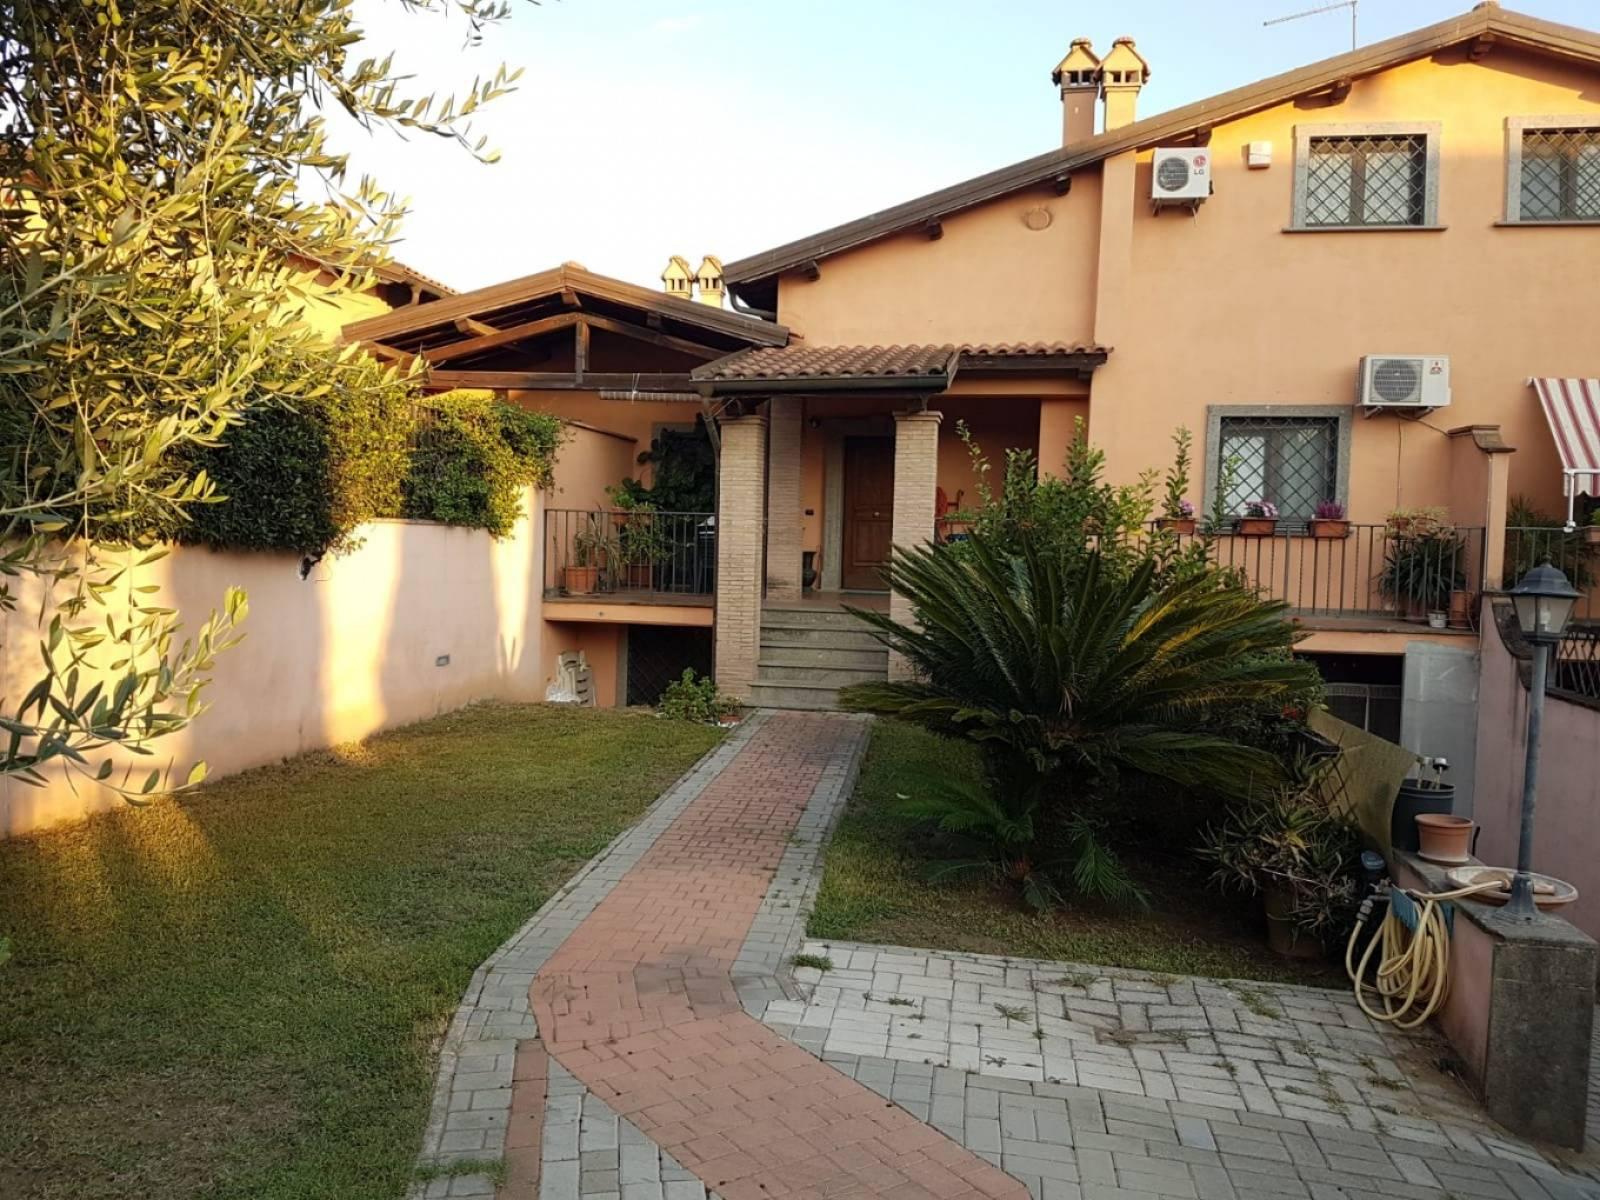 1118421007 Plurilocale (7) in Via Stanislao Falchi, Roma, Zona Infernetto